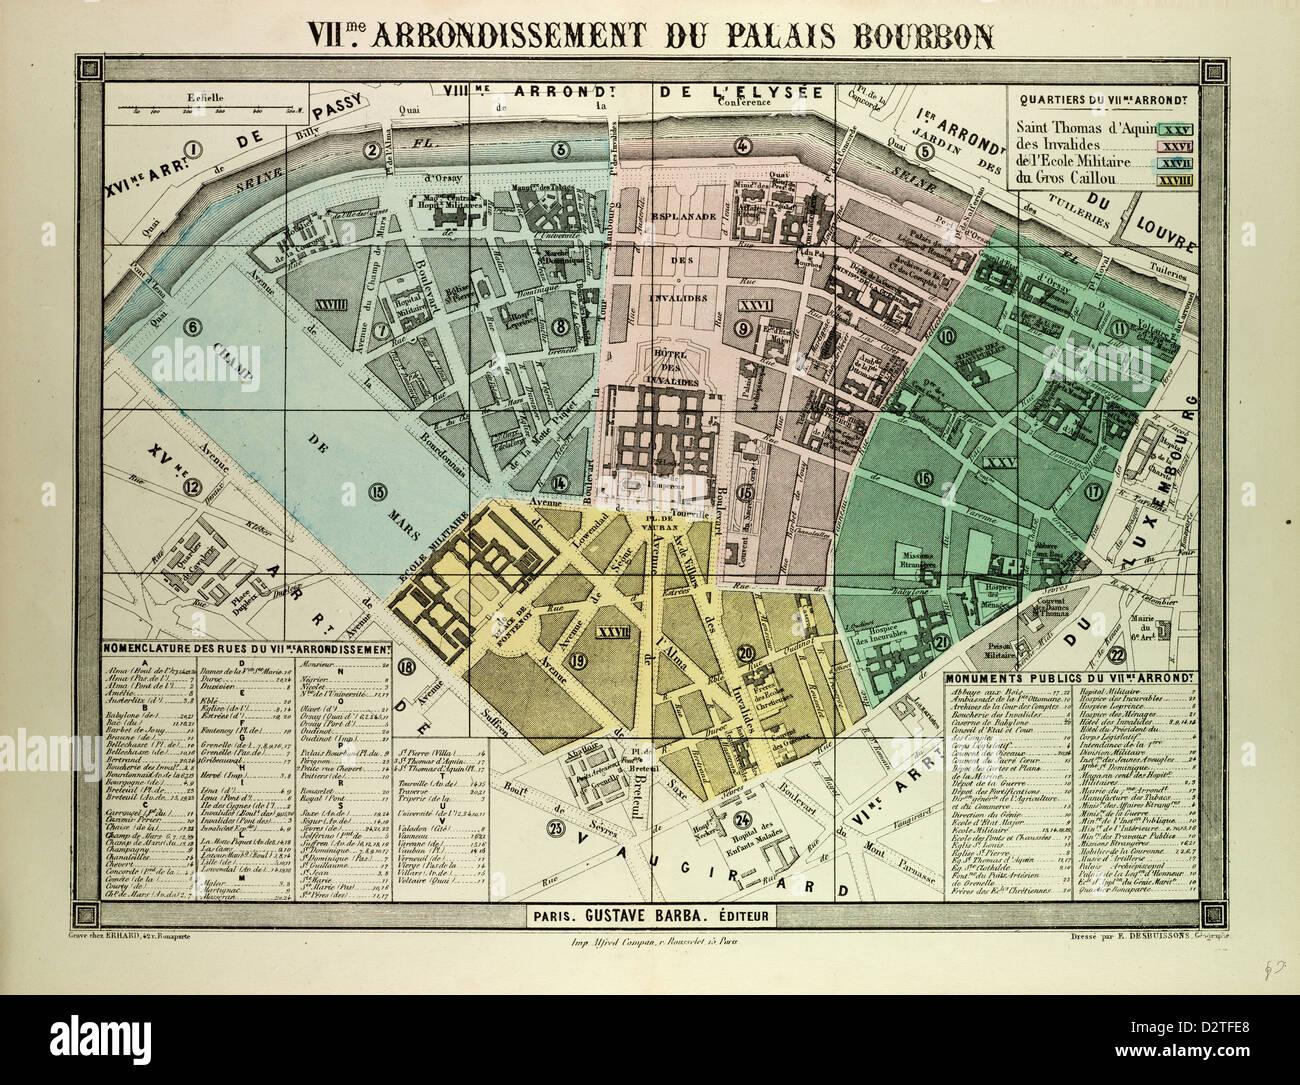 Karte Paris Arrondissement.Karte Des 7 Arrondissement Du Palais Bourbon Paris